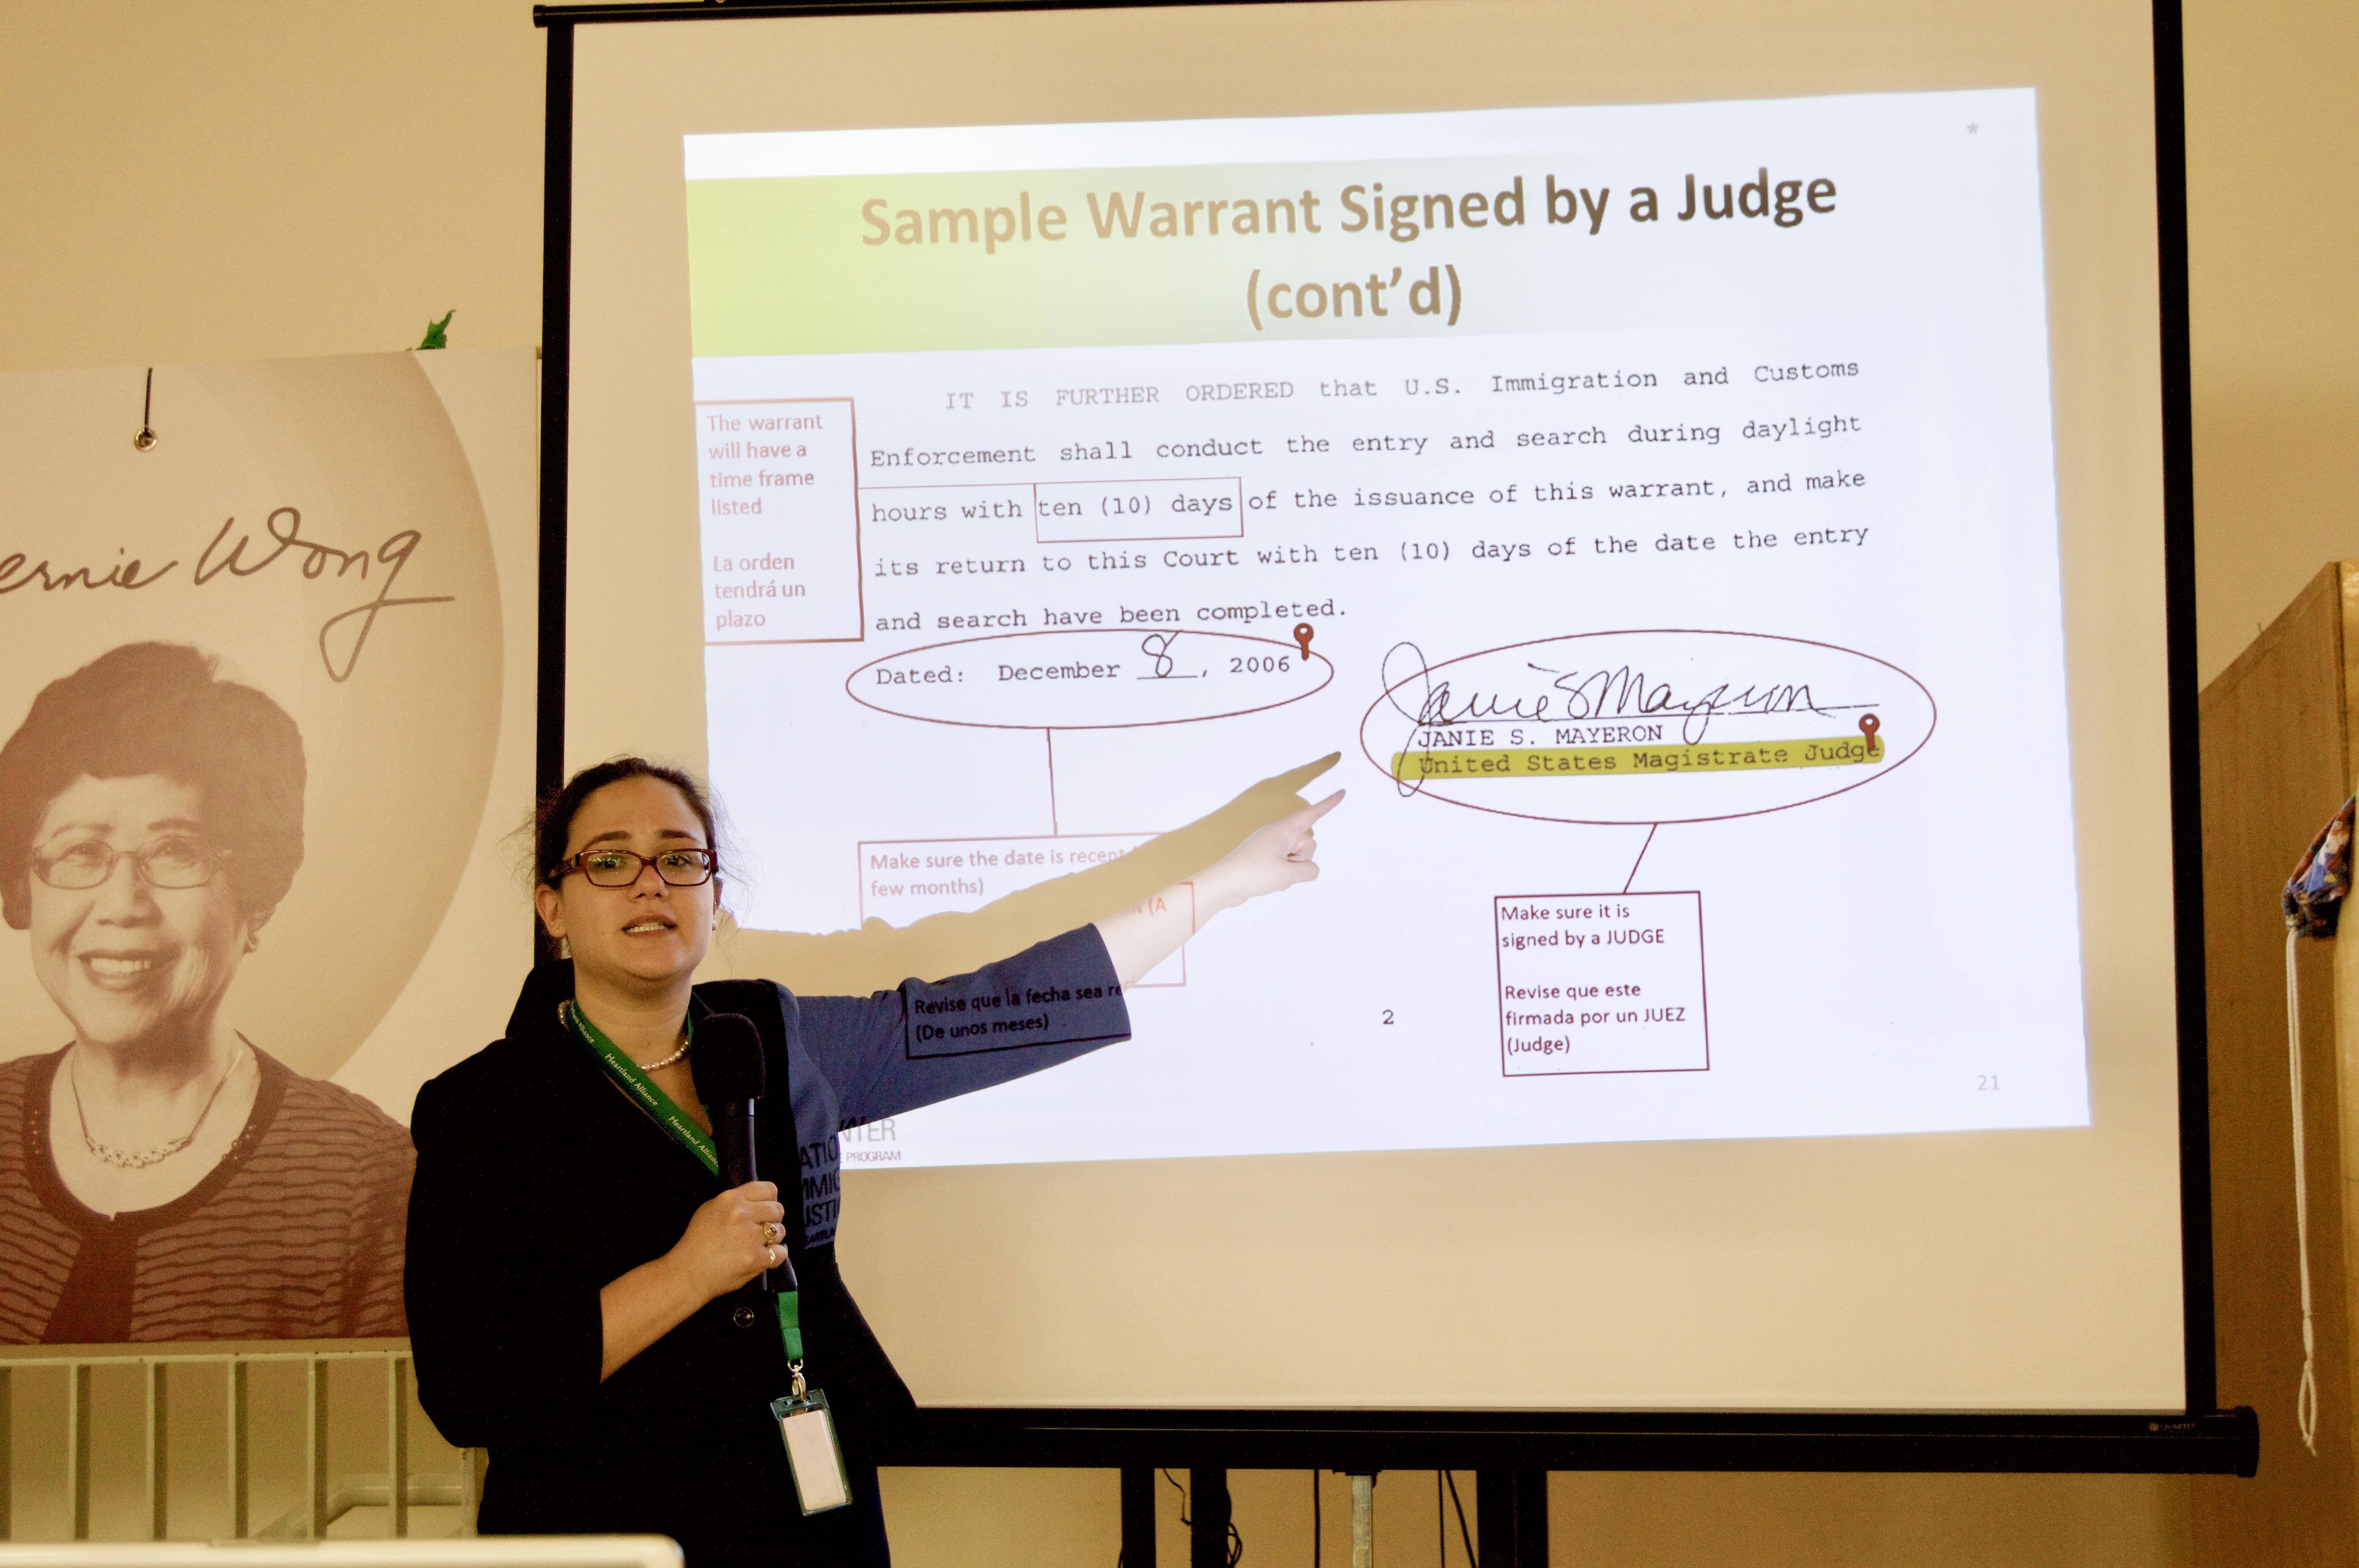 全美移民公義中心法務專員拉莫斯,向民眾展示含有效期限以及法官簽字的合法逮捕令樣本。(記者董宇/攝影)